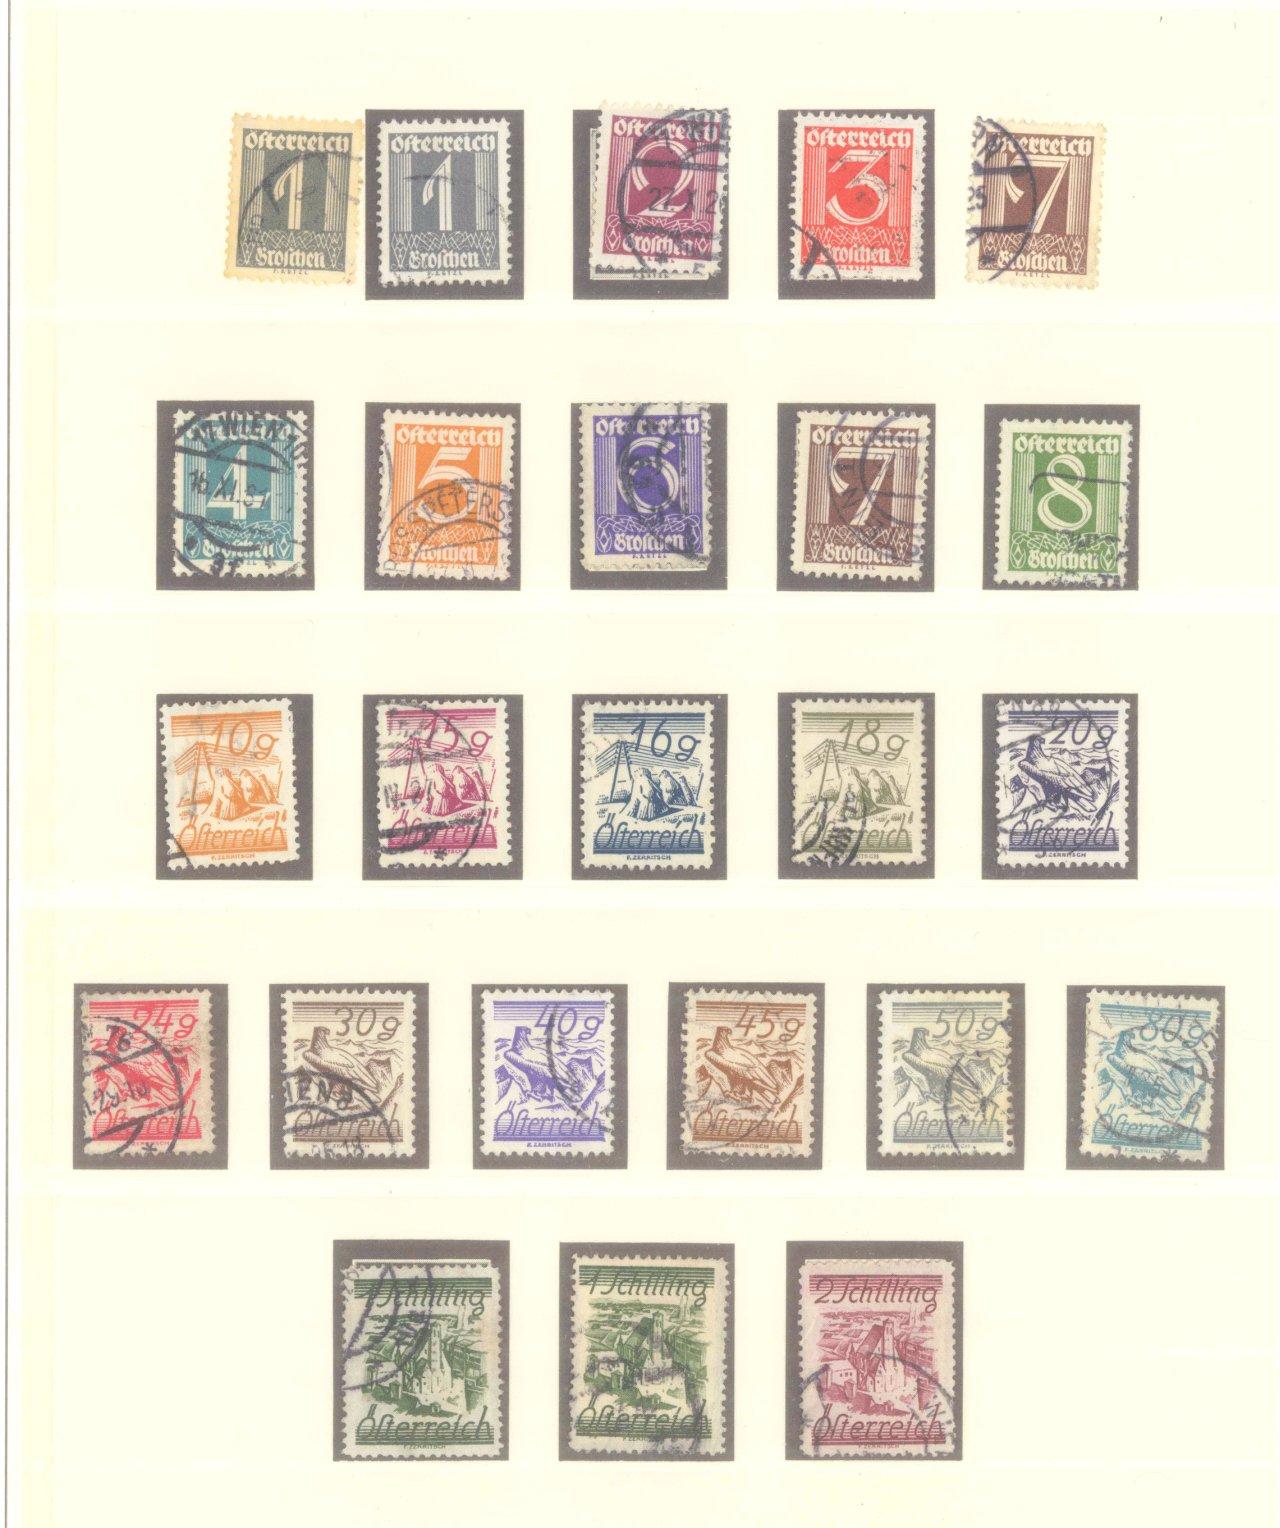 ÖSTERREICH 1925-1937